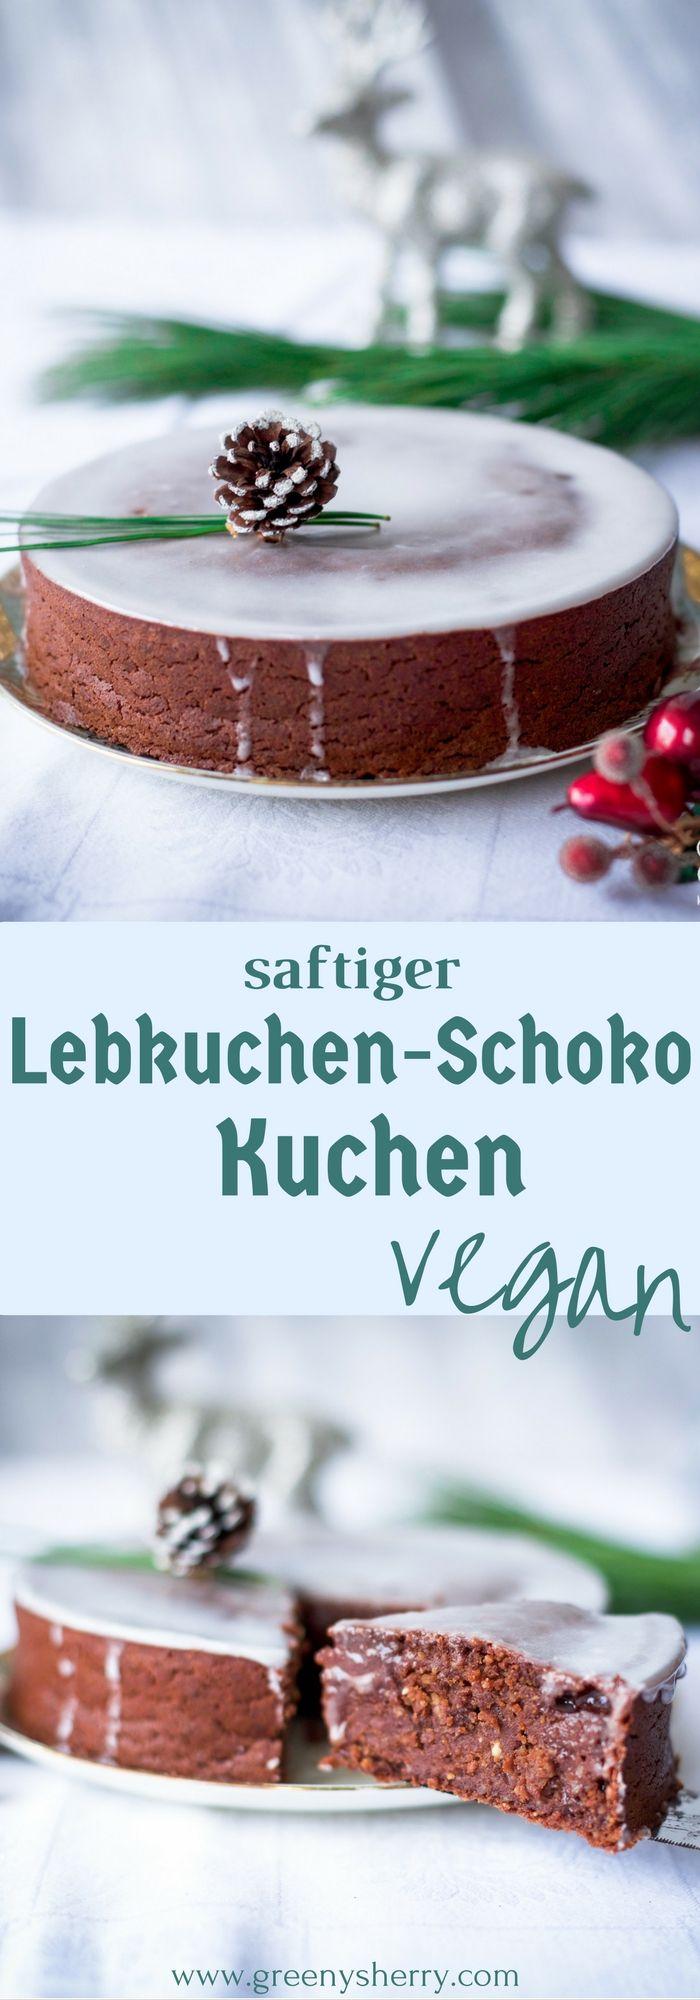 saftiger lebkuchen schokoladen kuchen vegane weihnachten rezept die besten deutschen. Black Bedroom Furniture Sets. Home Design Ideas